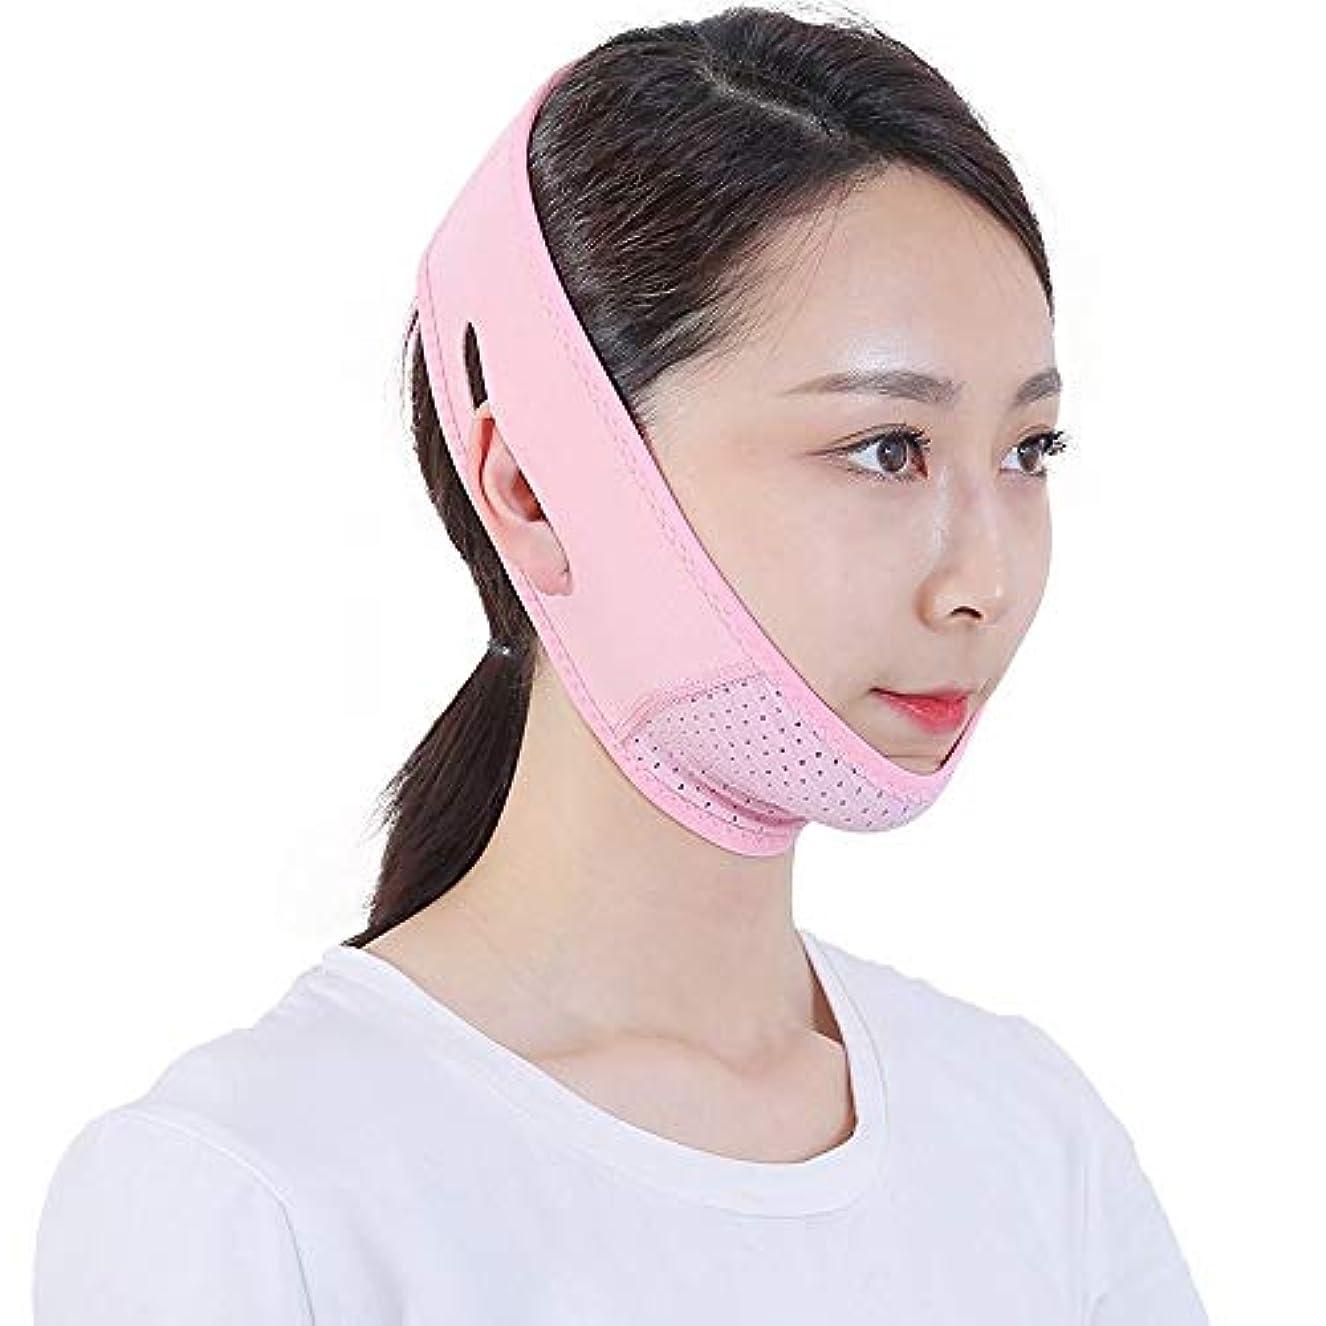 フェイスリフティングベルト、フェイスリフティング包帯フェイシャルフェイスシェイパーV字型包帯美容機器は、二重あごのしわ防止 (Color : Pink)